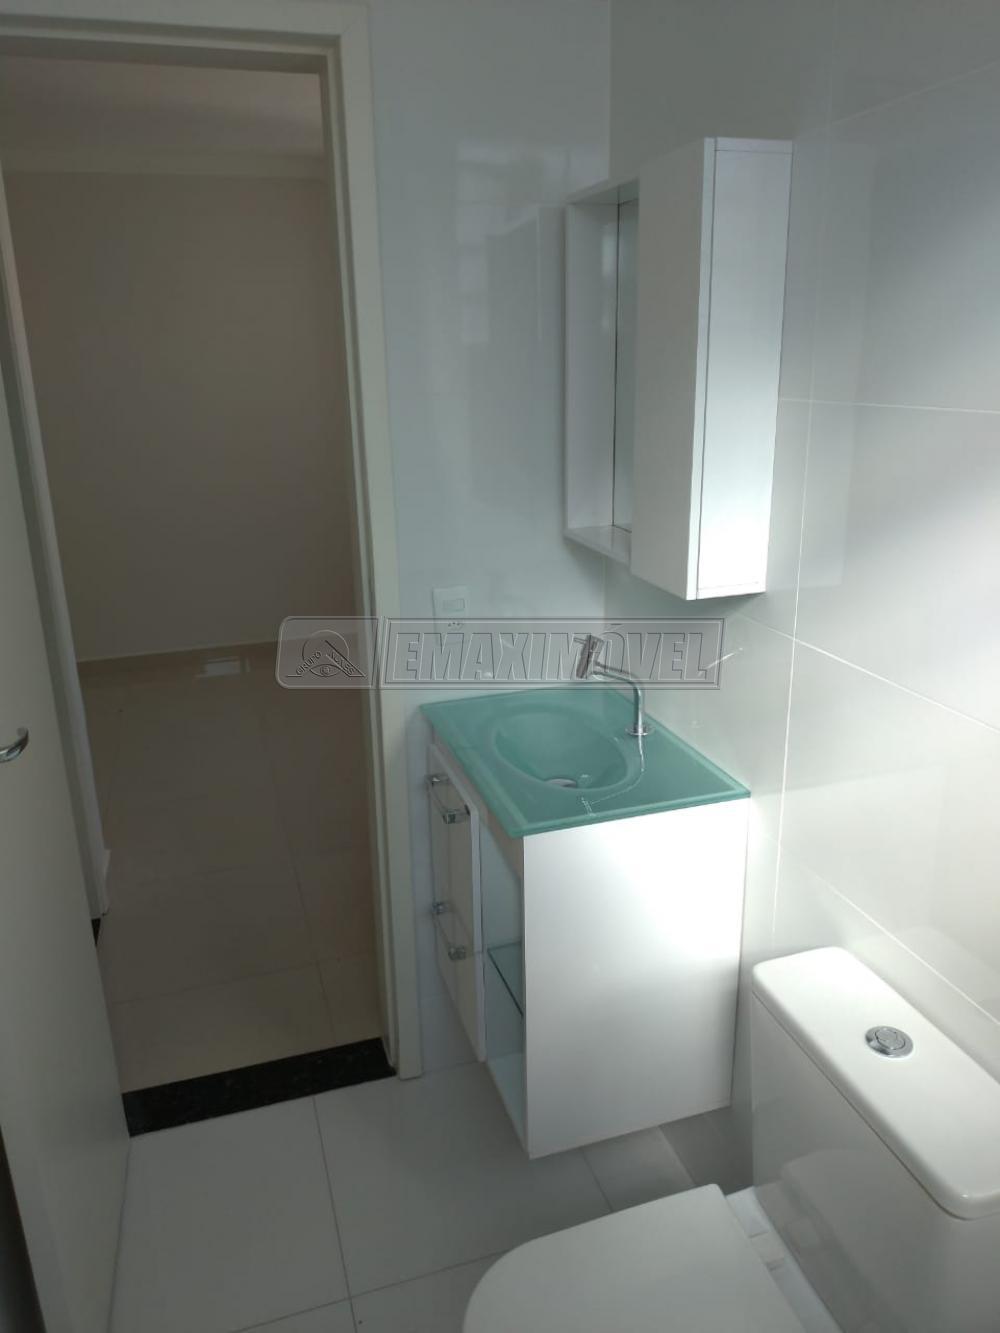 Comprar Apartamentos / Apto Padrão em Sorocaba apenas R$ 138.000,00 - Foto 6